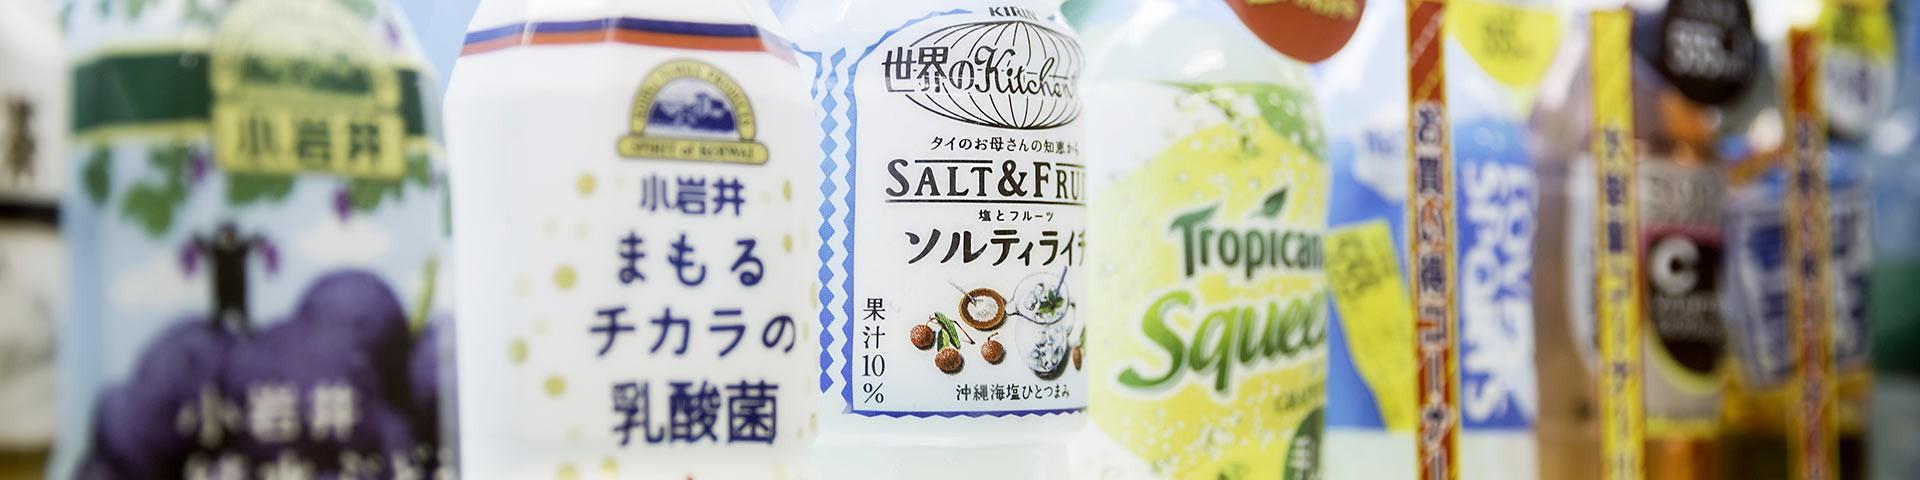 日本の飲類 | ソーダ